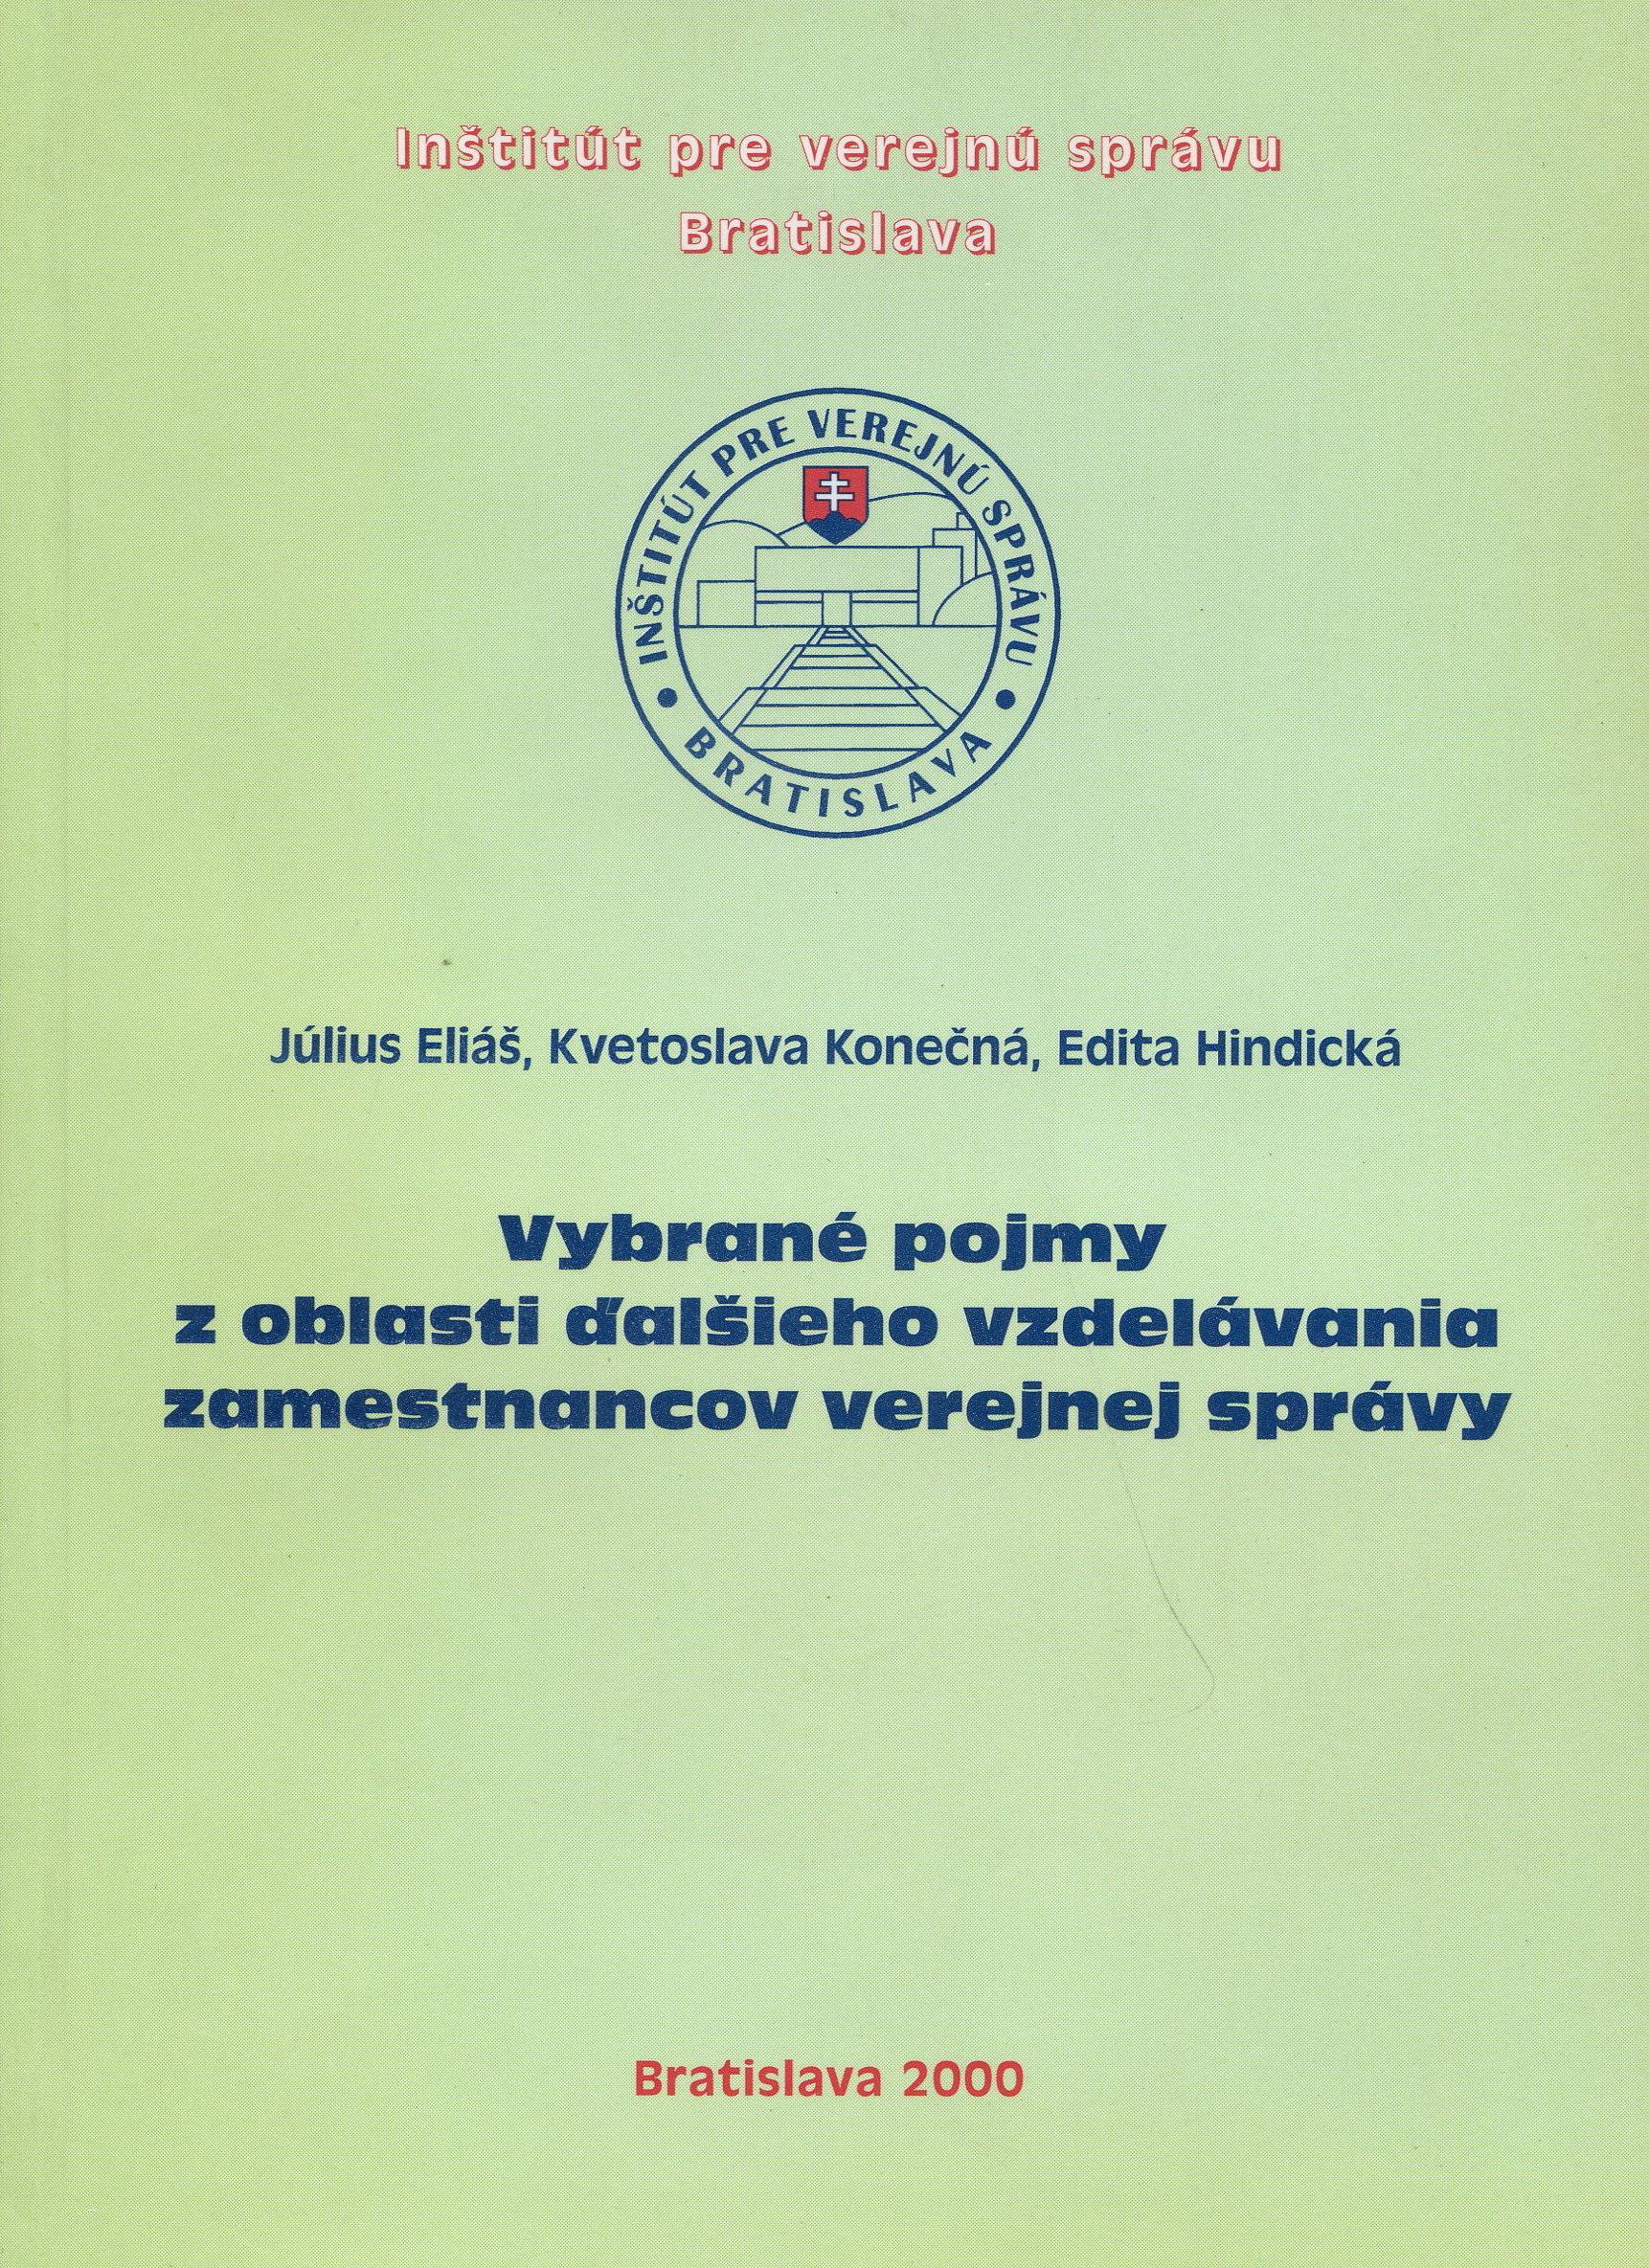 Vybrané pojmy z oblasti ďalšieho vzdelávania zamestnancov verejnej správy